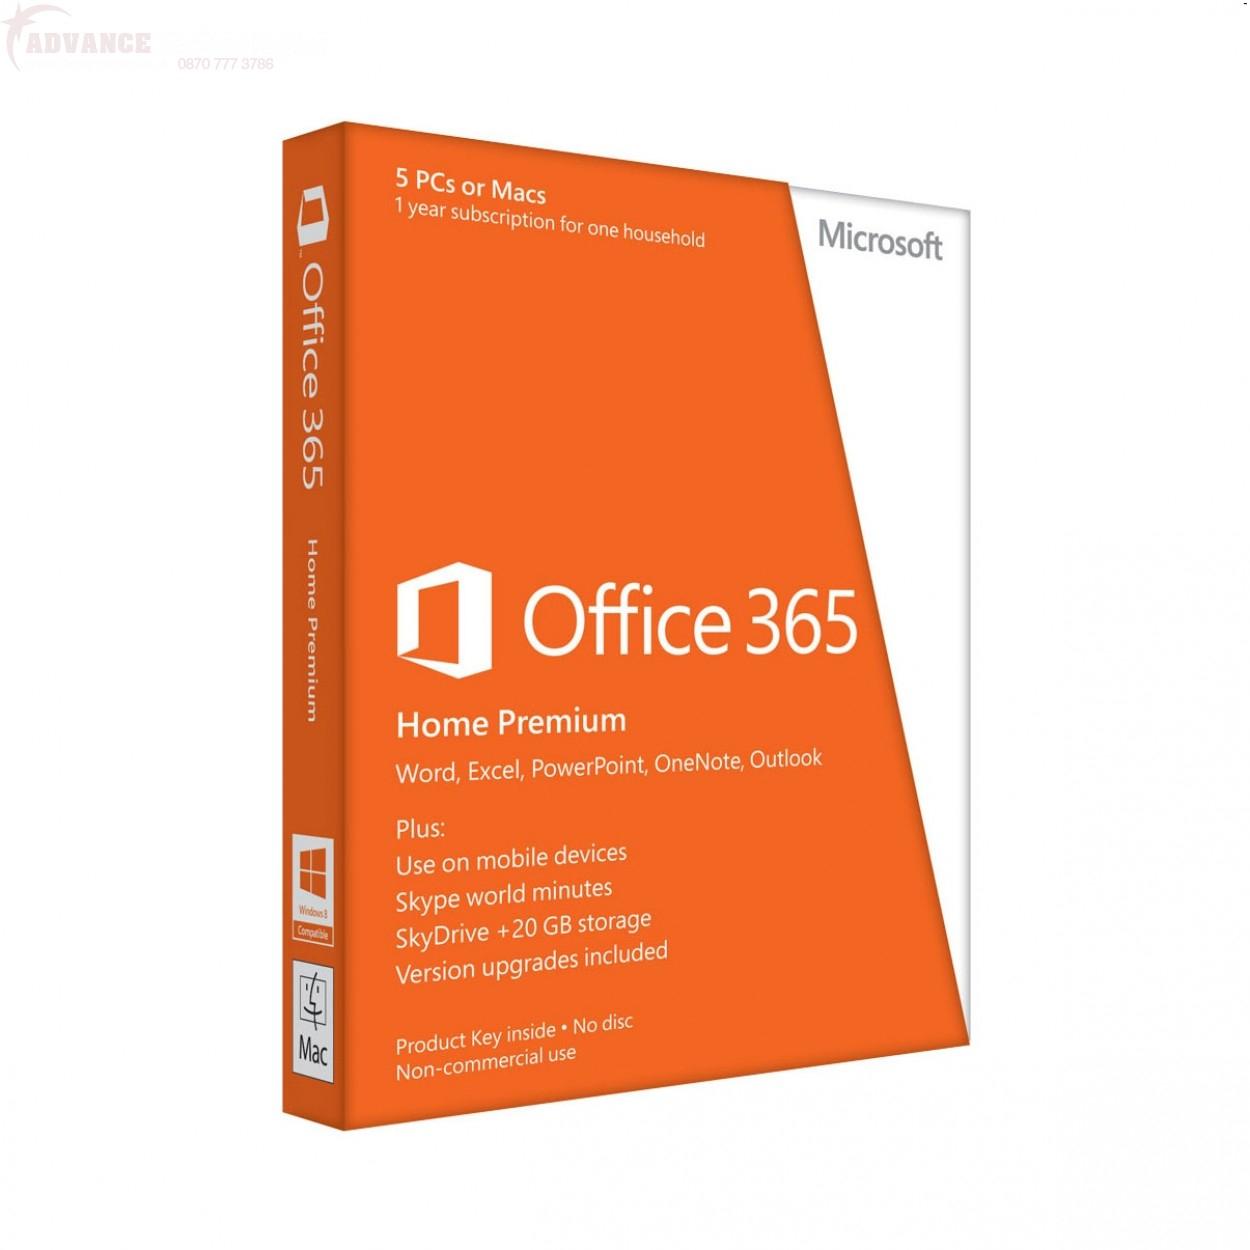 Linio: Office 365 Hogar Premium 5 usuarios $699